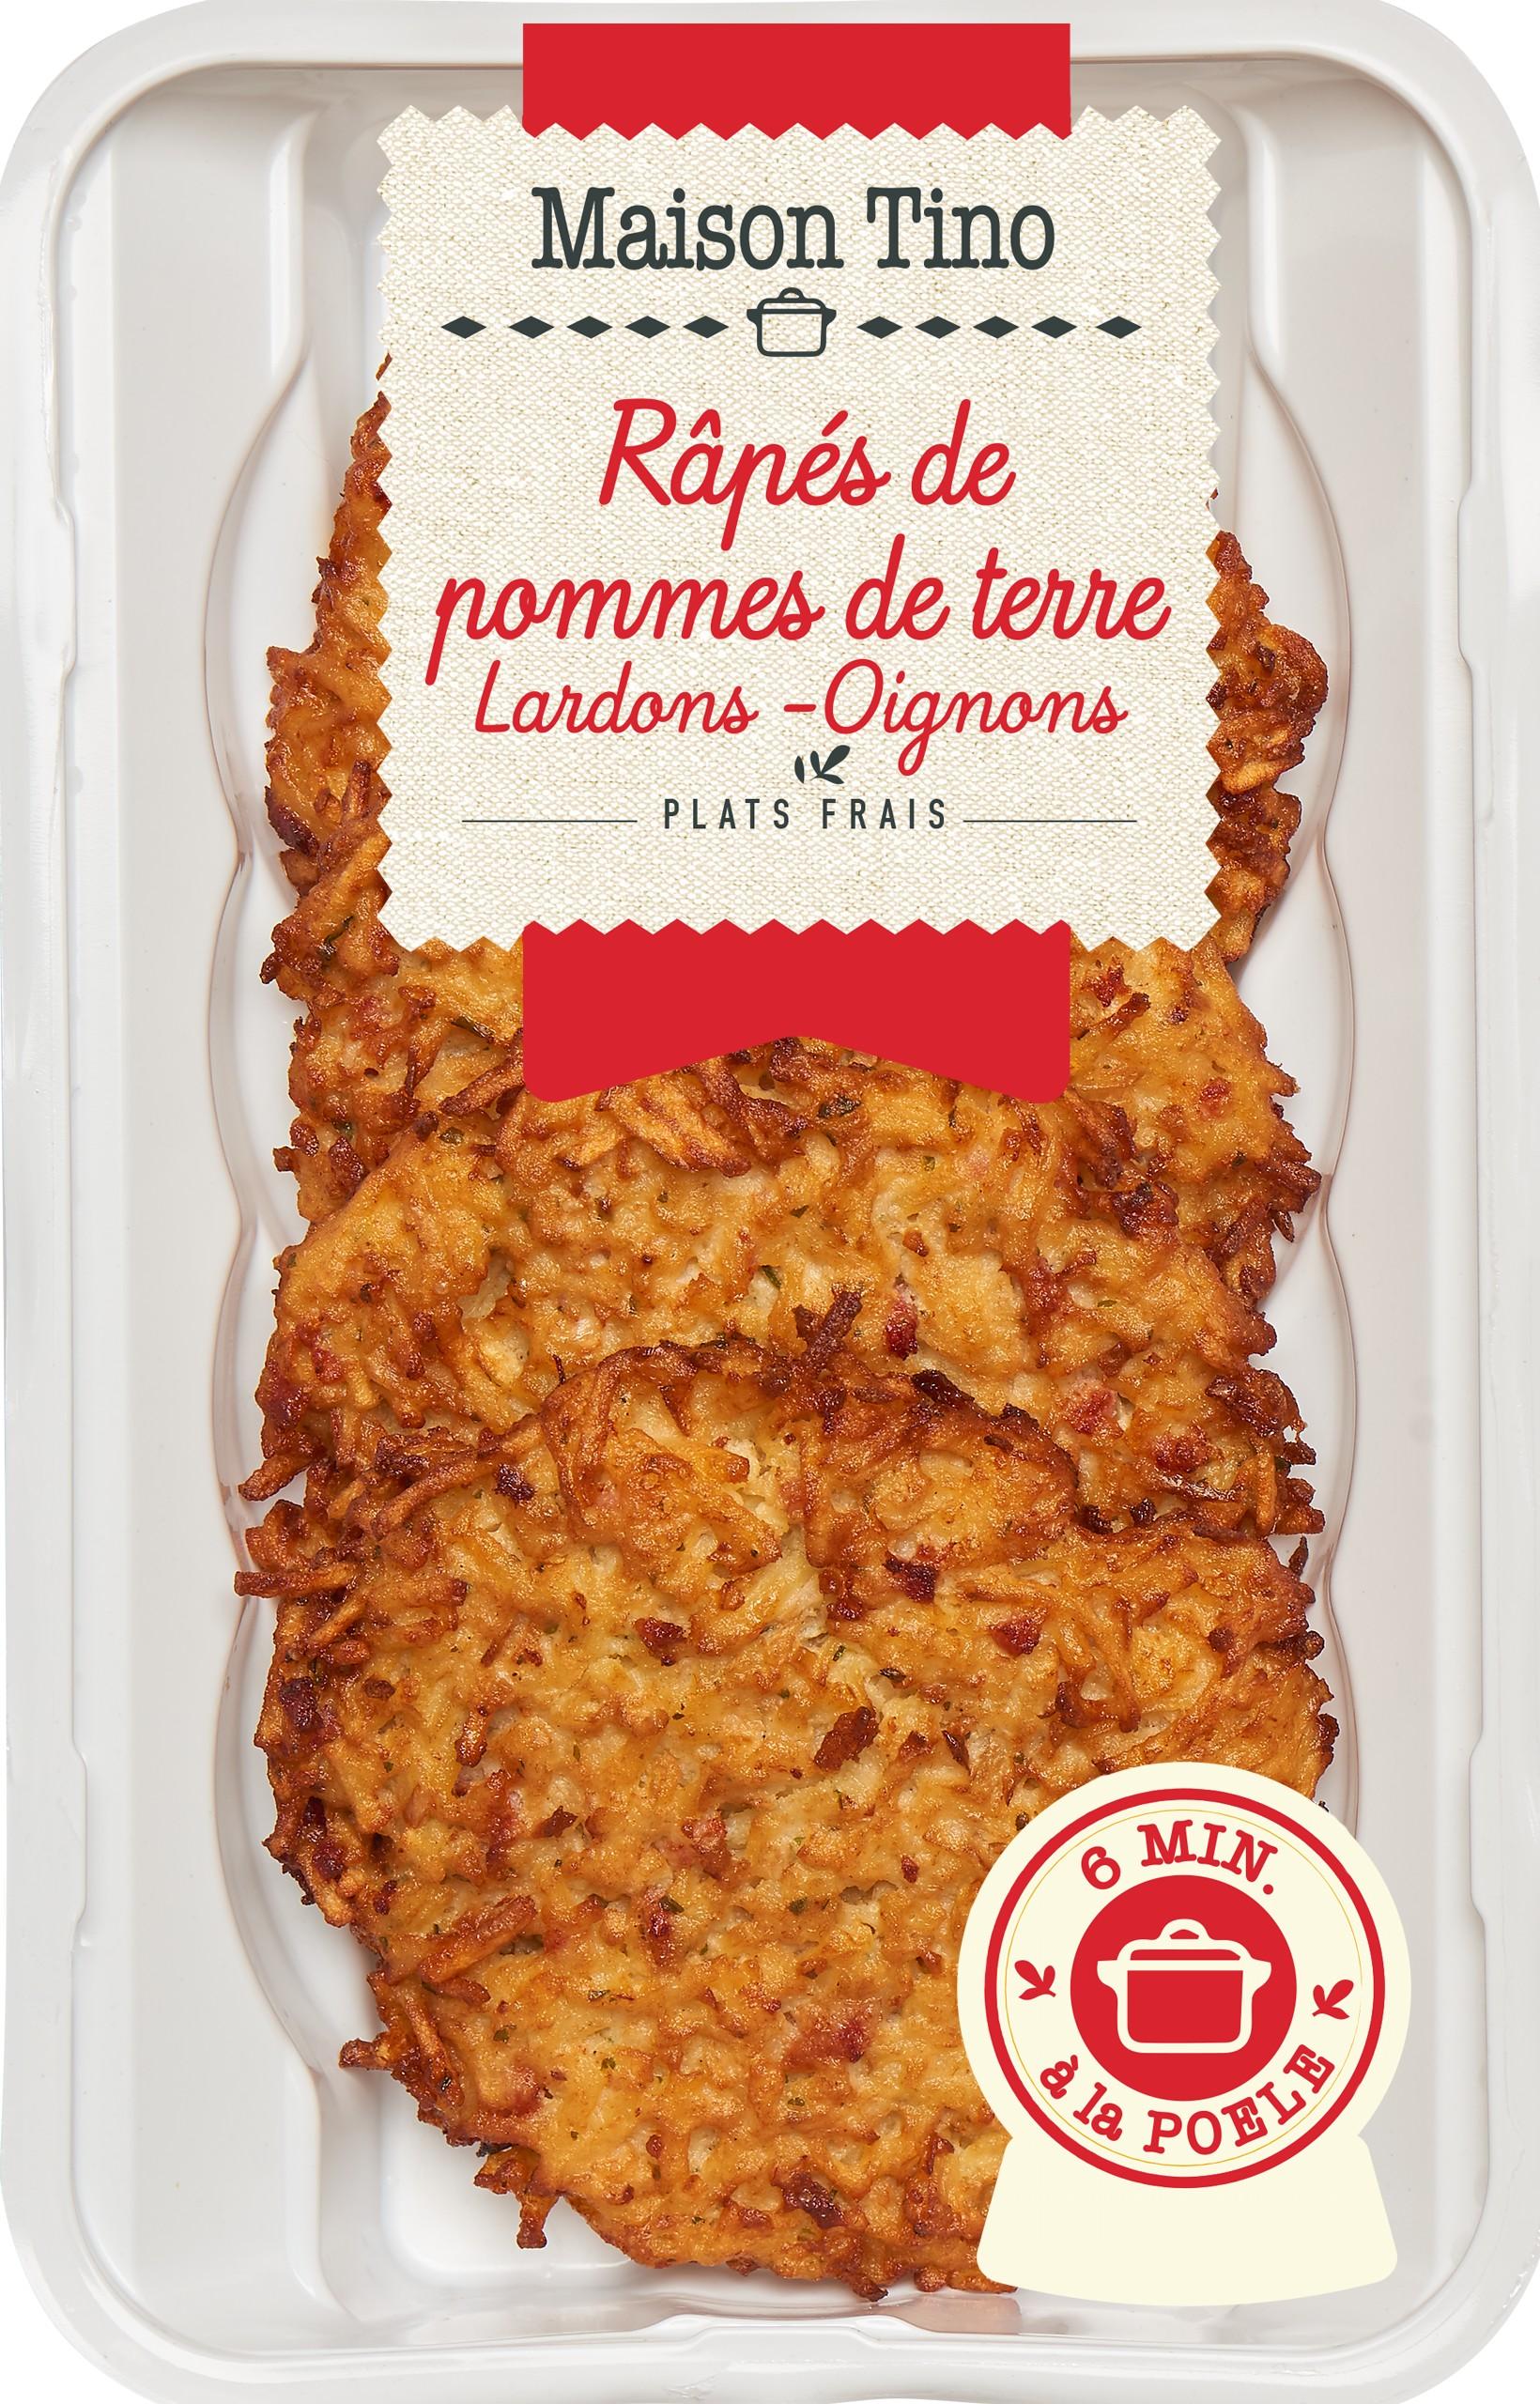 Râpés de Pommes de terre Lardons et Oignons, Maison Tino (4 x 110 g)